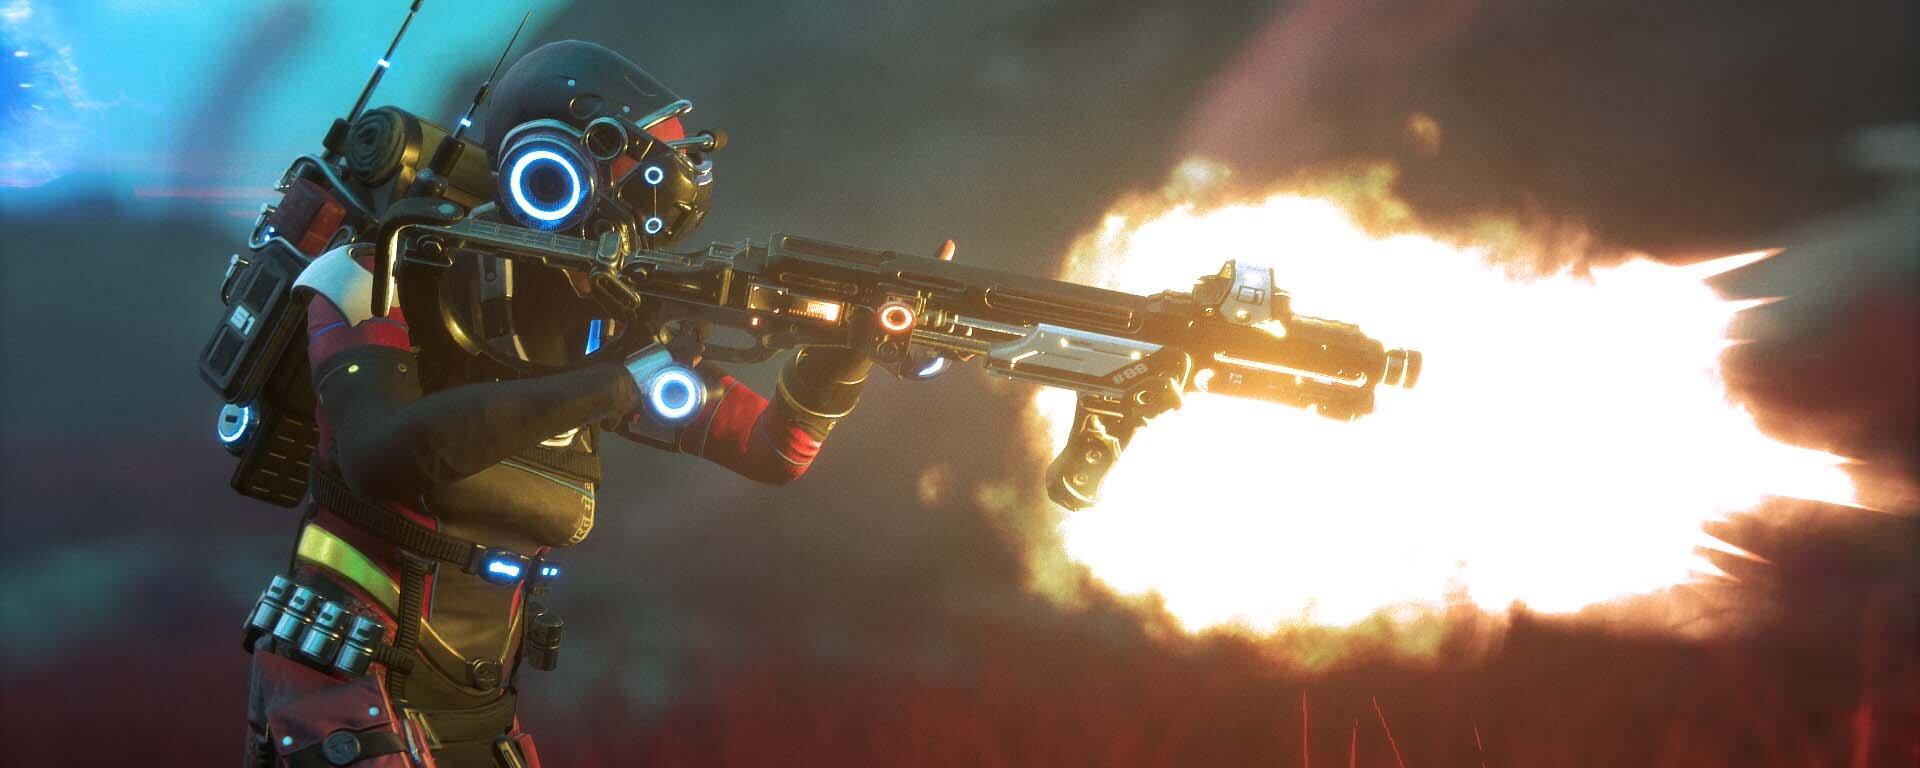 Turn Based FPS Lemnis Gate Character fires shotgun.